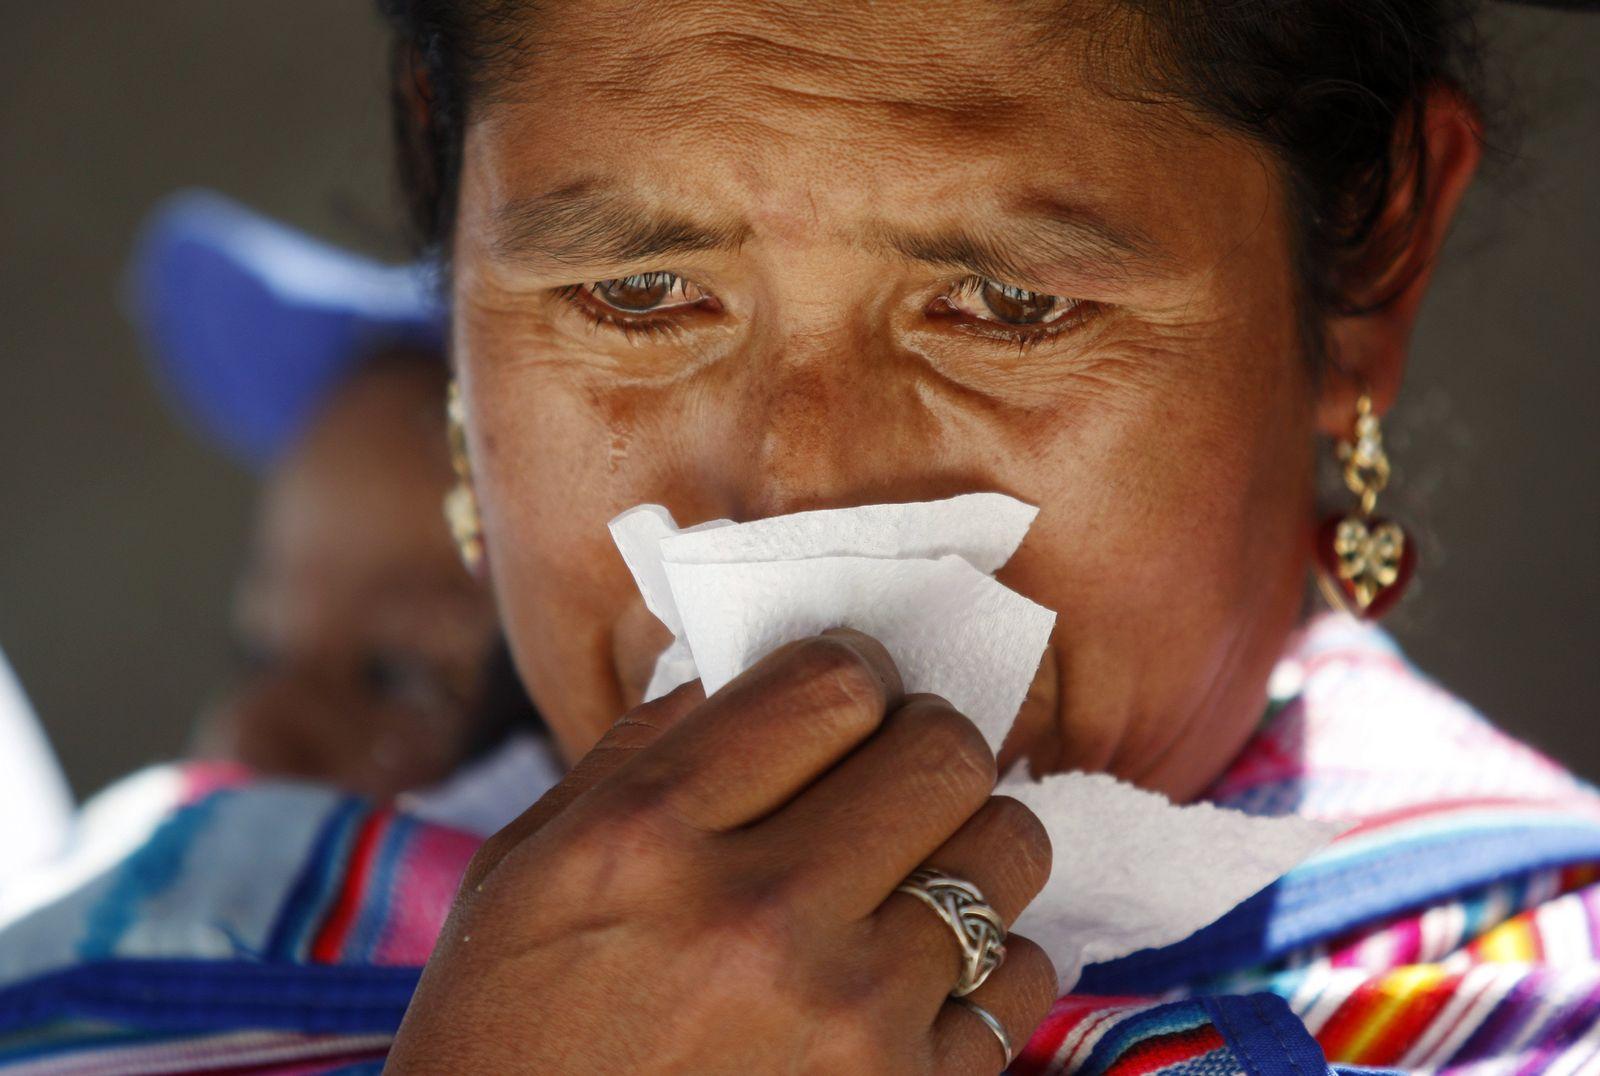 Trauer / Peru / Tränen